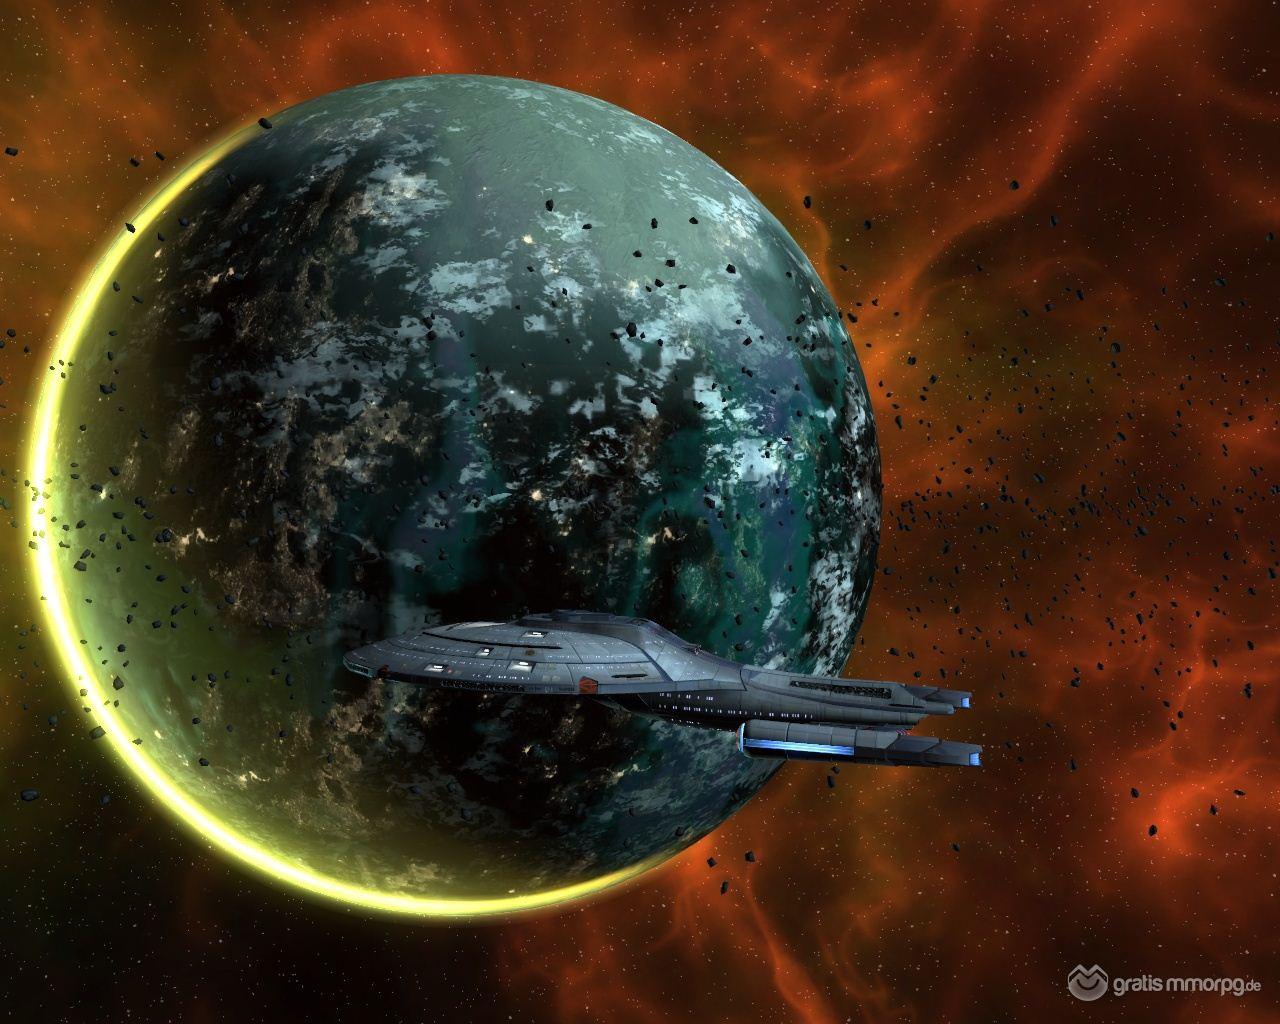 Klicke auf die Grafik für eine größere AnsichtName:Star Trek Online (12).jpgHits:166Größe:182,0 KBID:4464